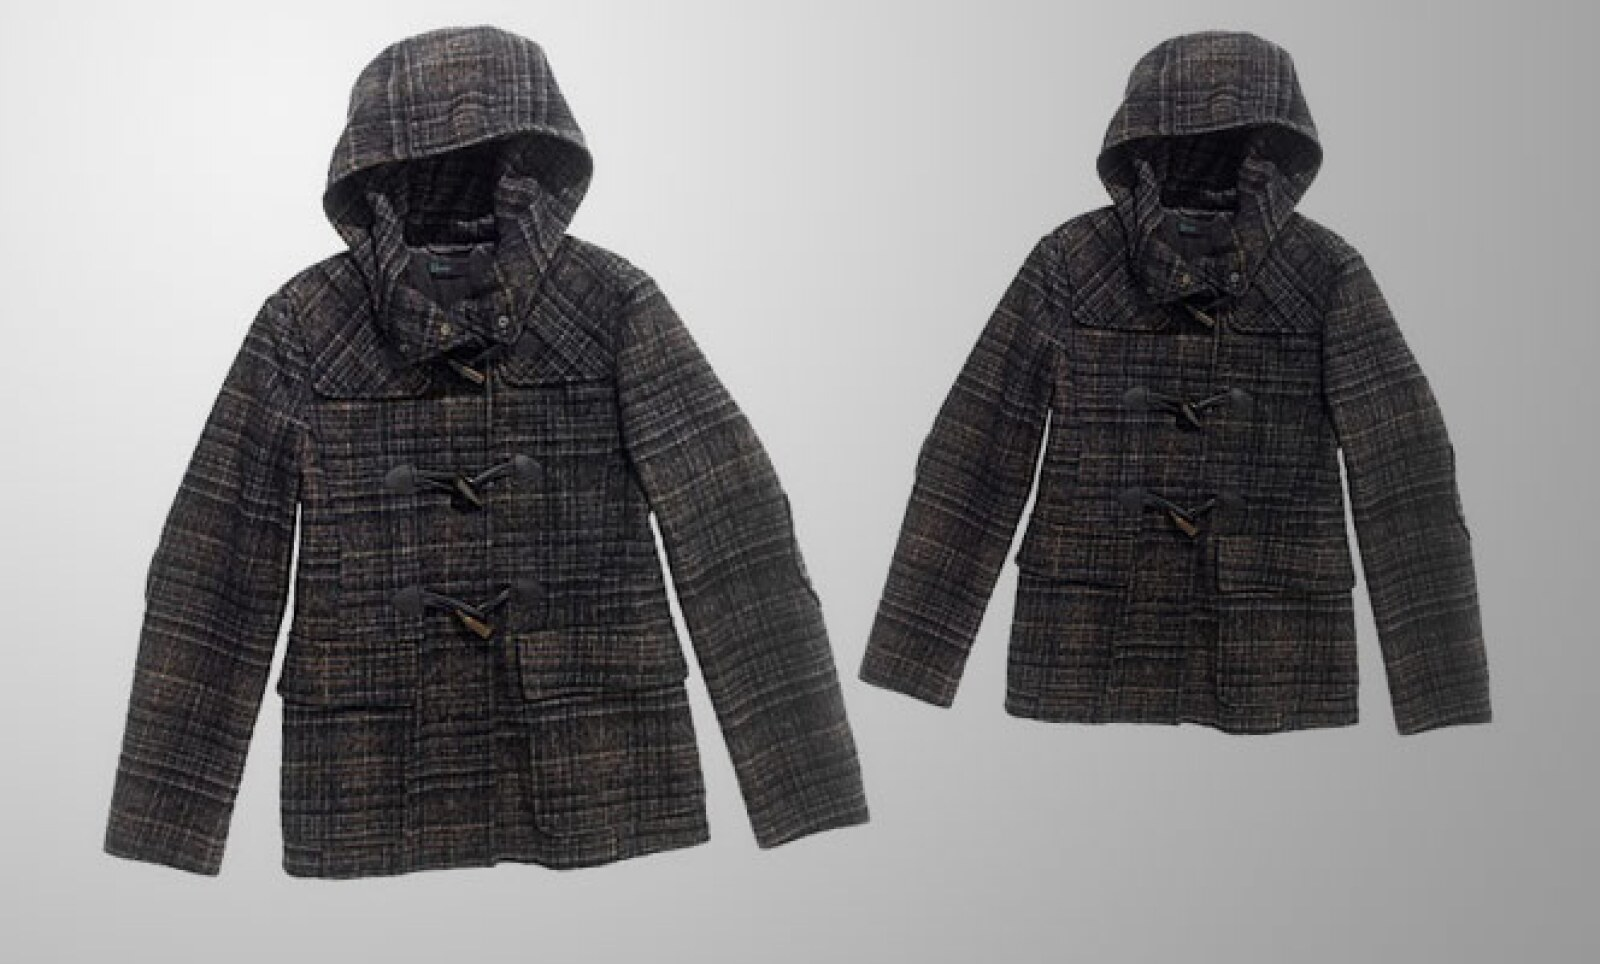 Fabricado en lana, este abrigo te puede resguardar contra la lluvia vespertina.